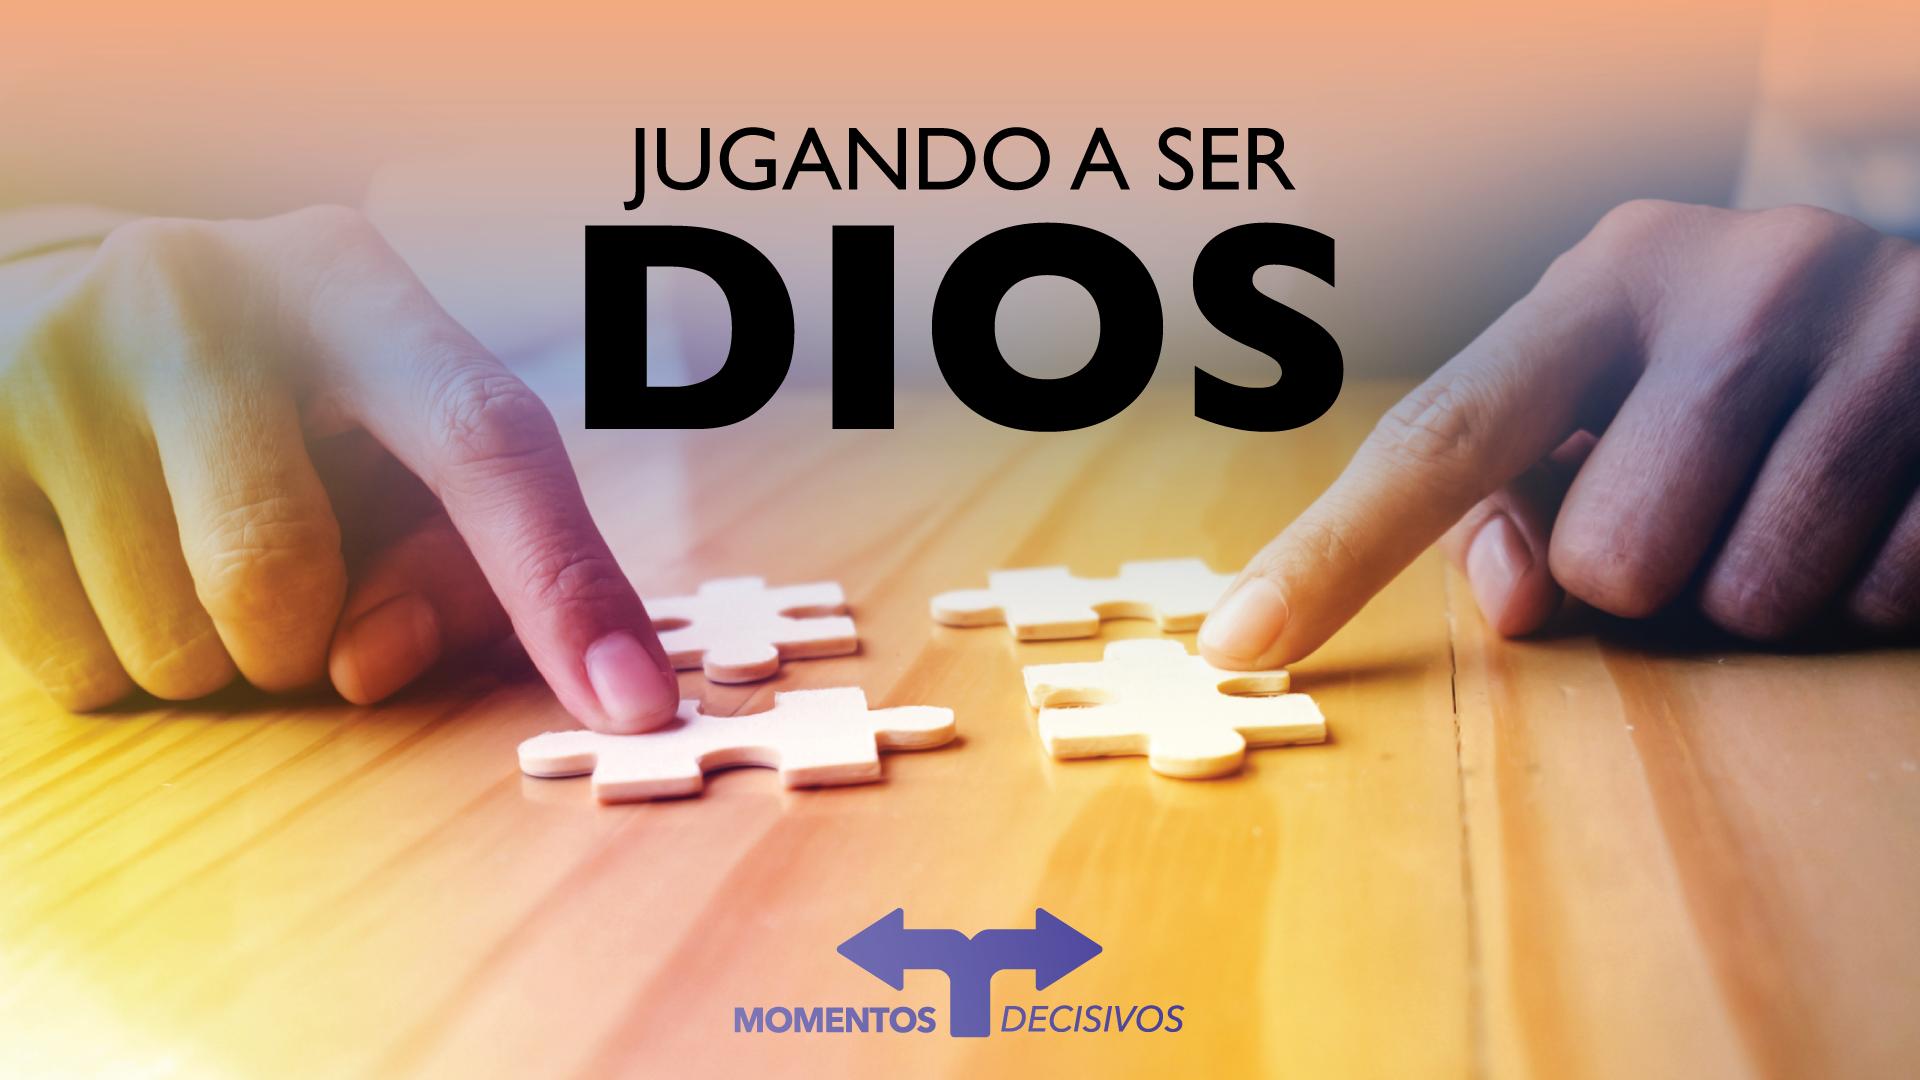 Jugando a ser Dios